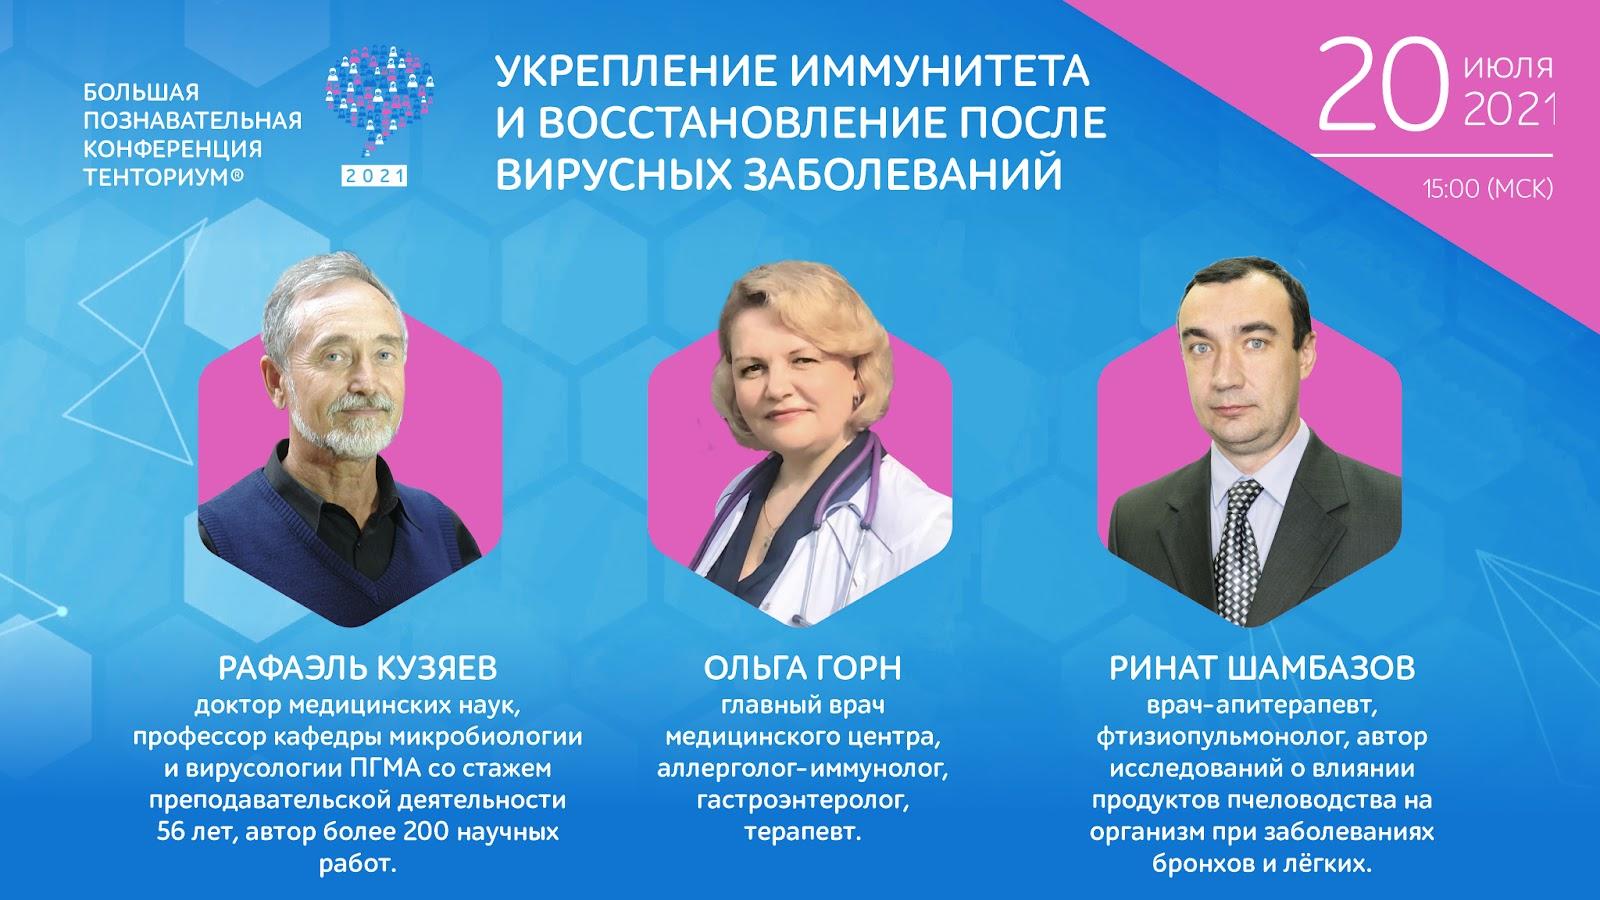 Третья сессия Большой познавательной конференции ТЕНТОРИУМ® уже 20 июля!